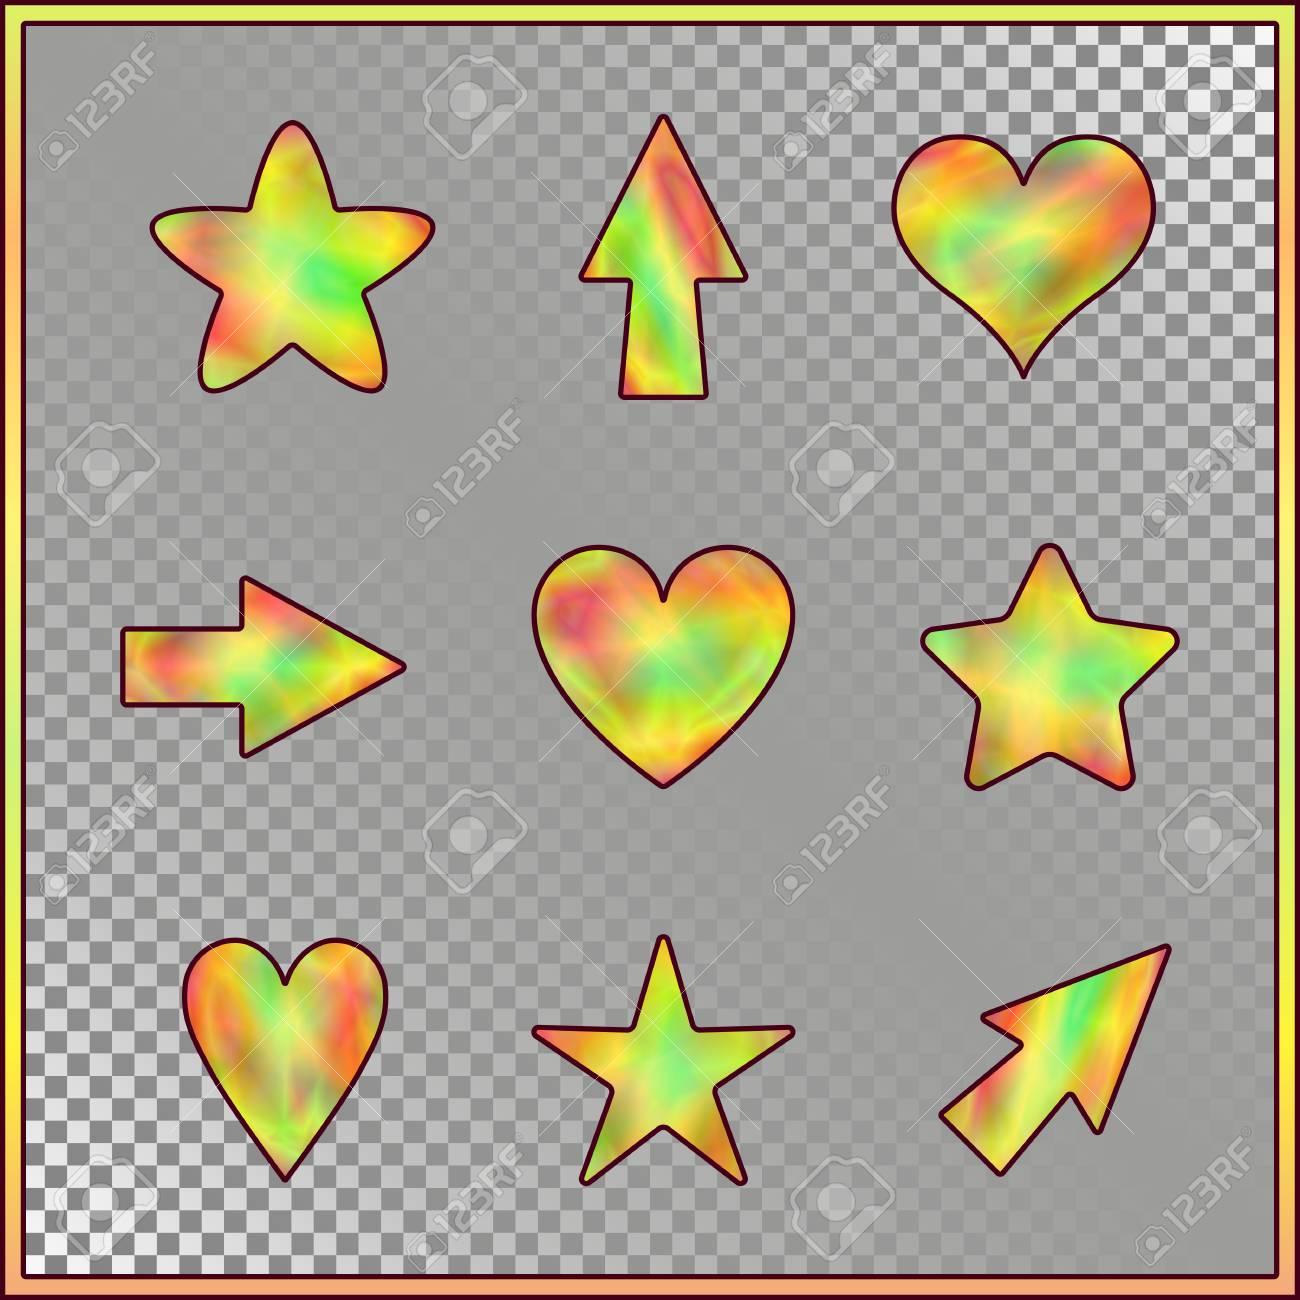 Conjunto De Estrellas Corazones Flechas Con Efecto Holográfico